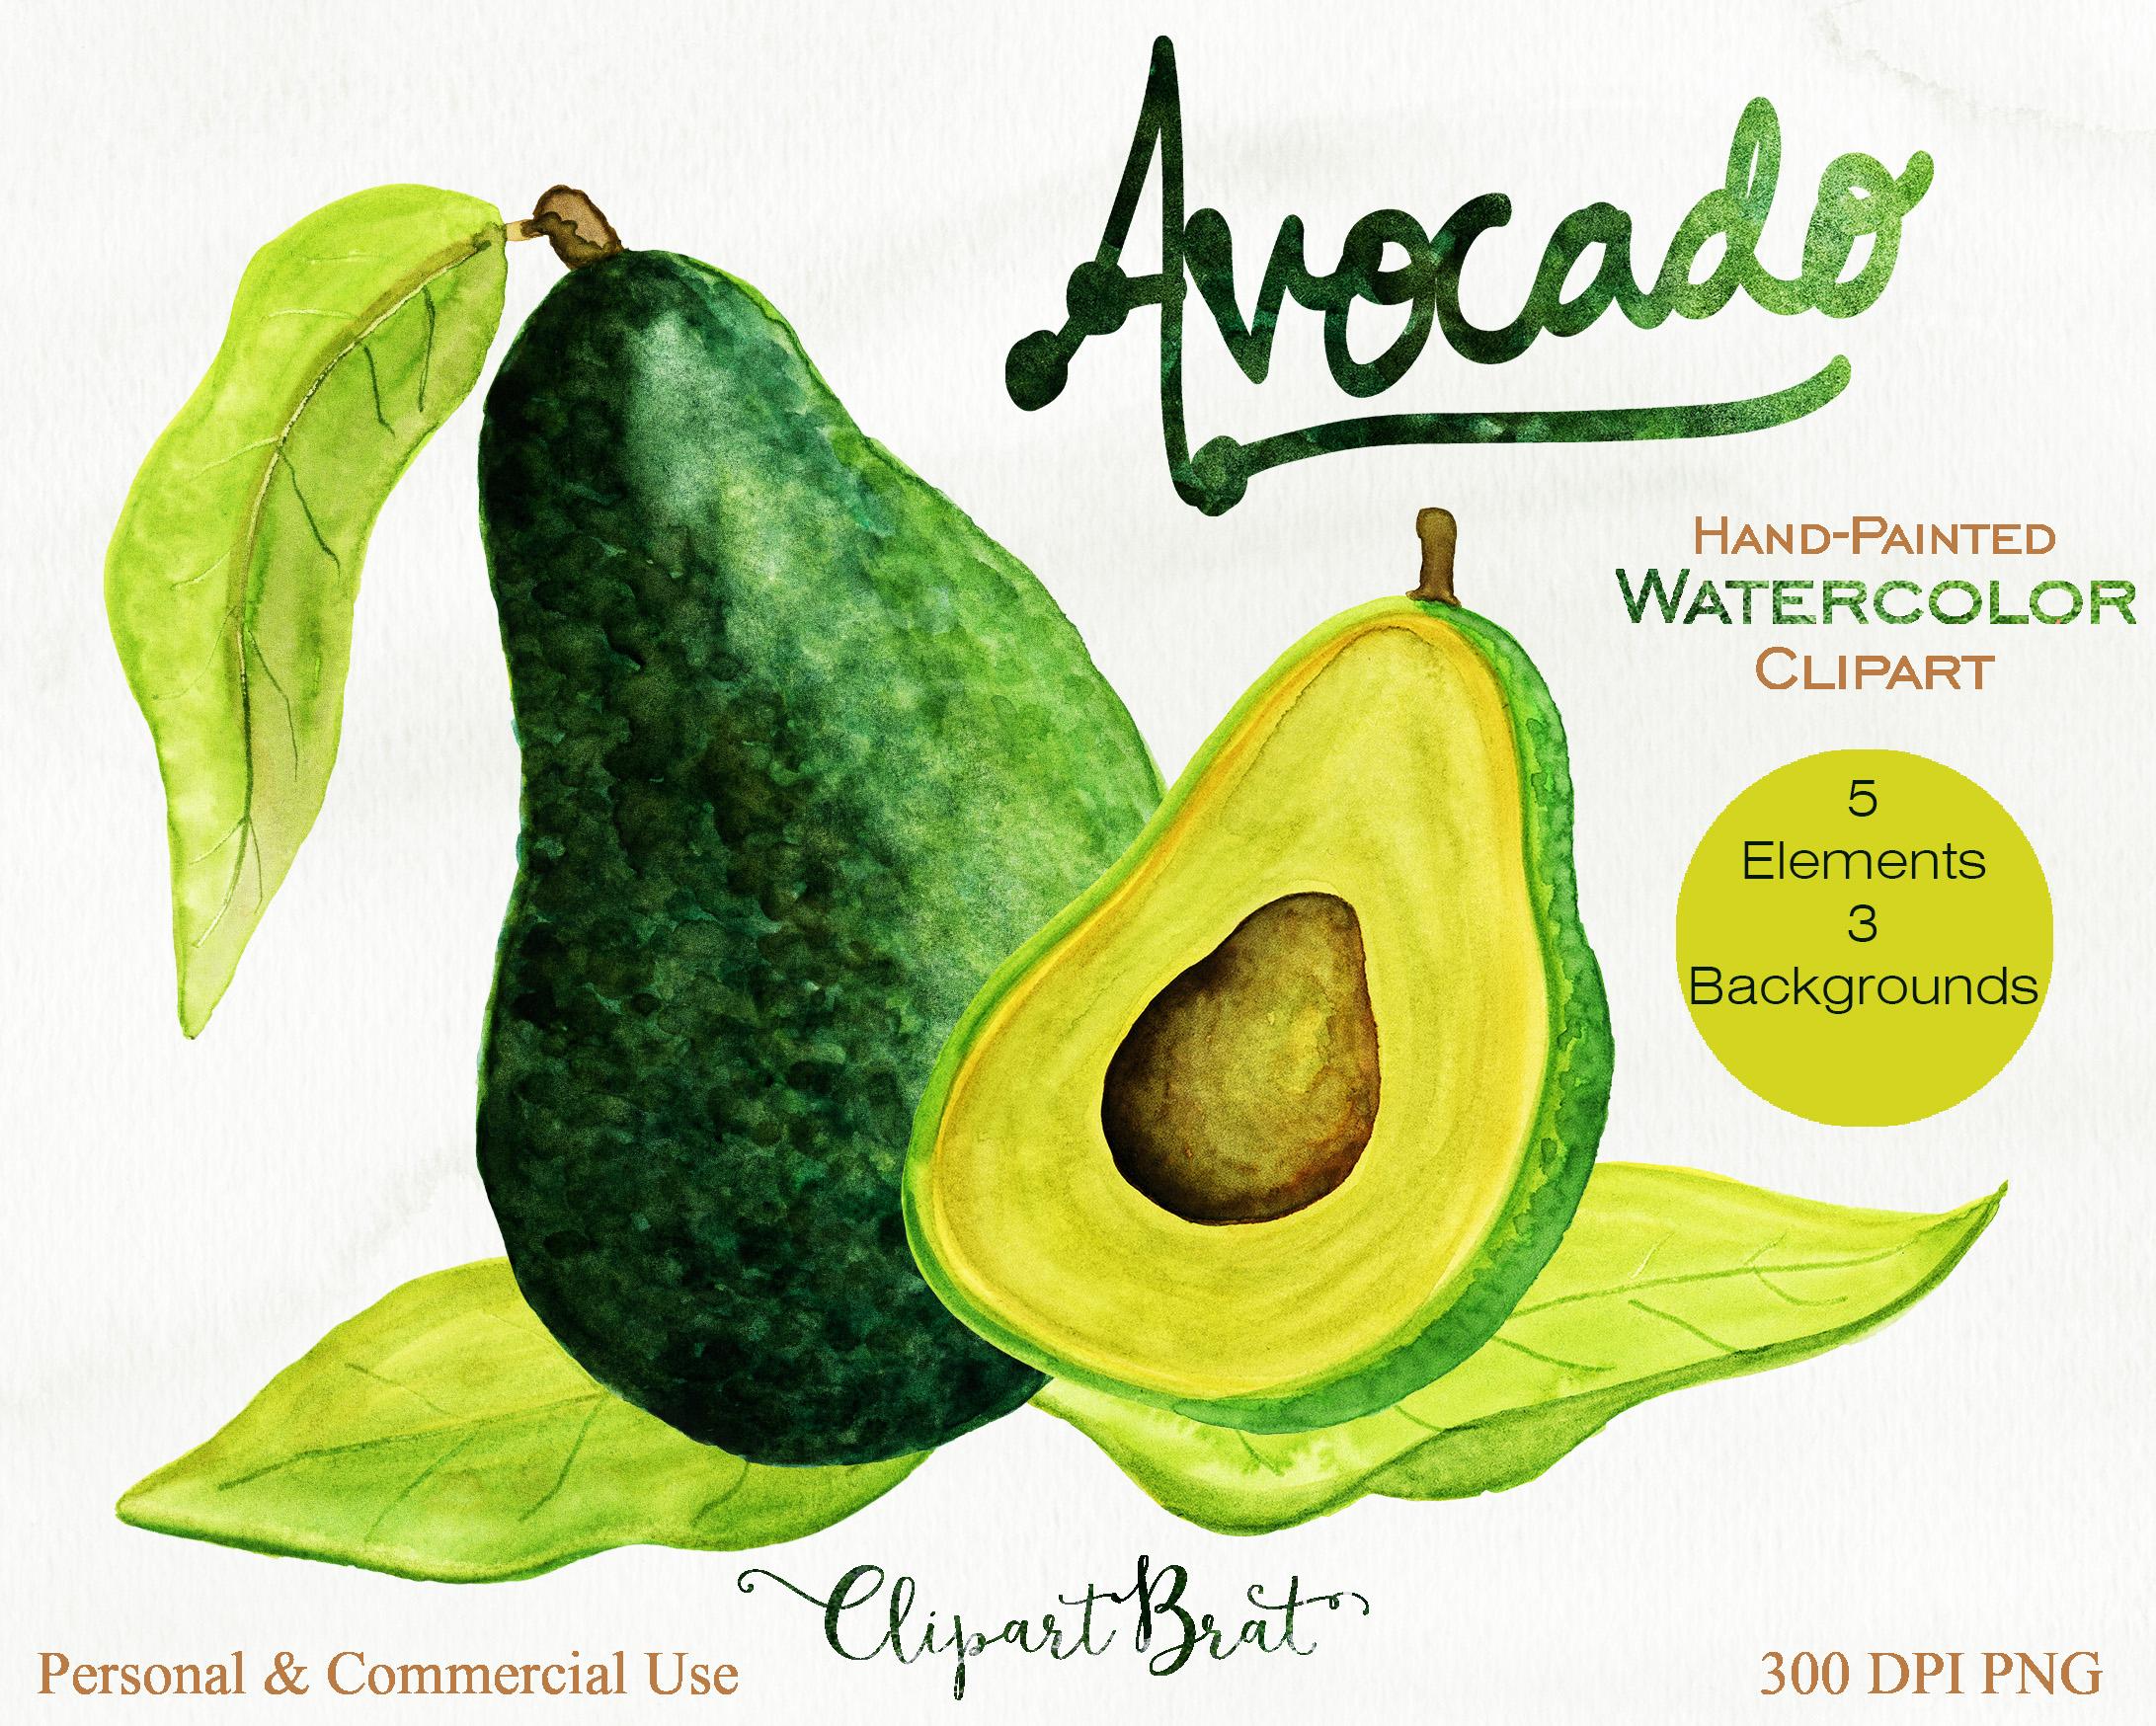 Avocado clipart advocado. Watercolor avacado vegetable fruit